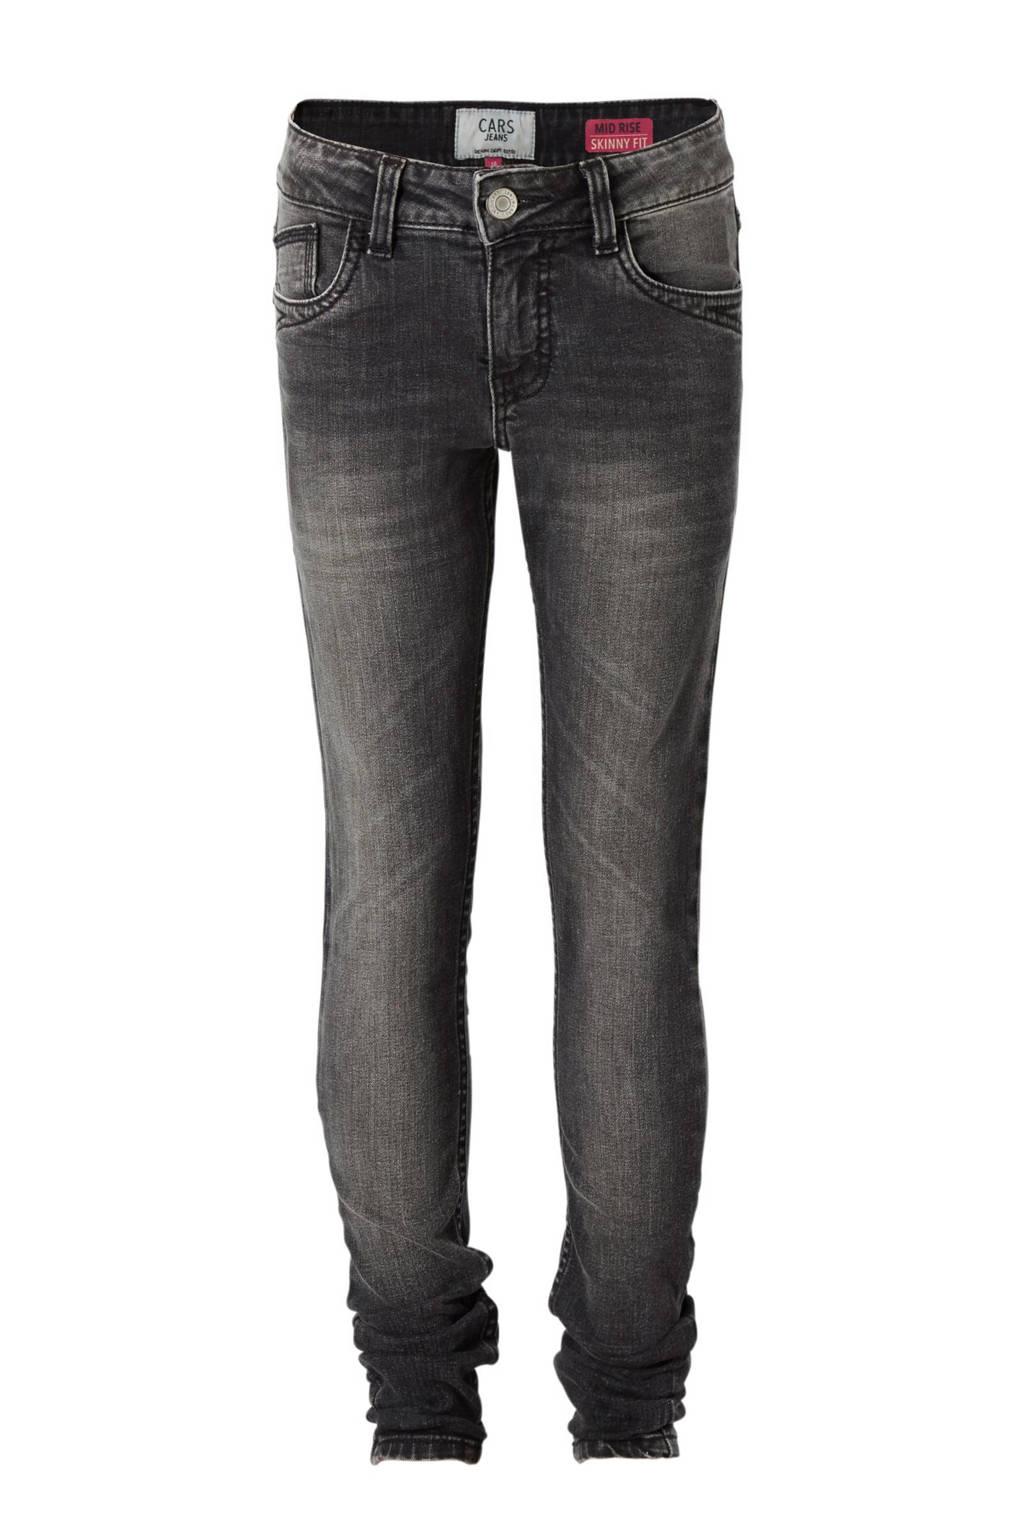 Cars skinny jeans Moreen zwart, Zwart